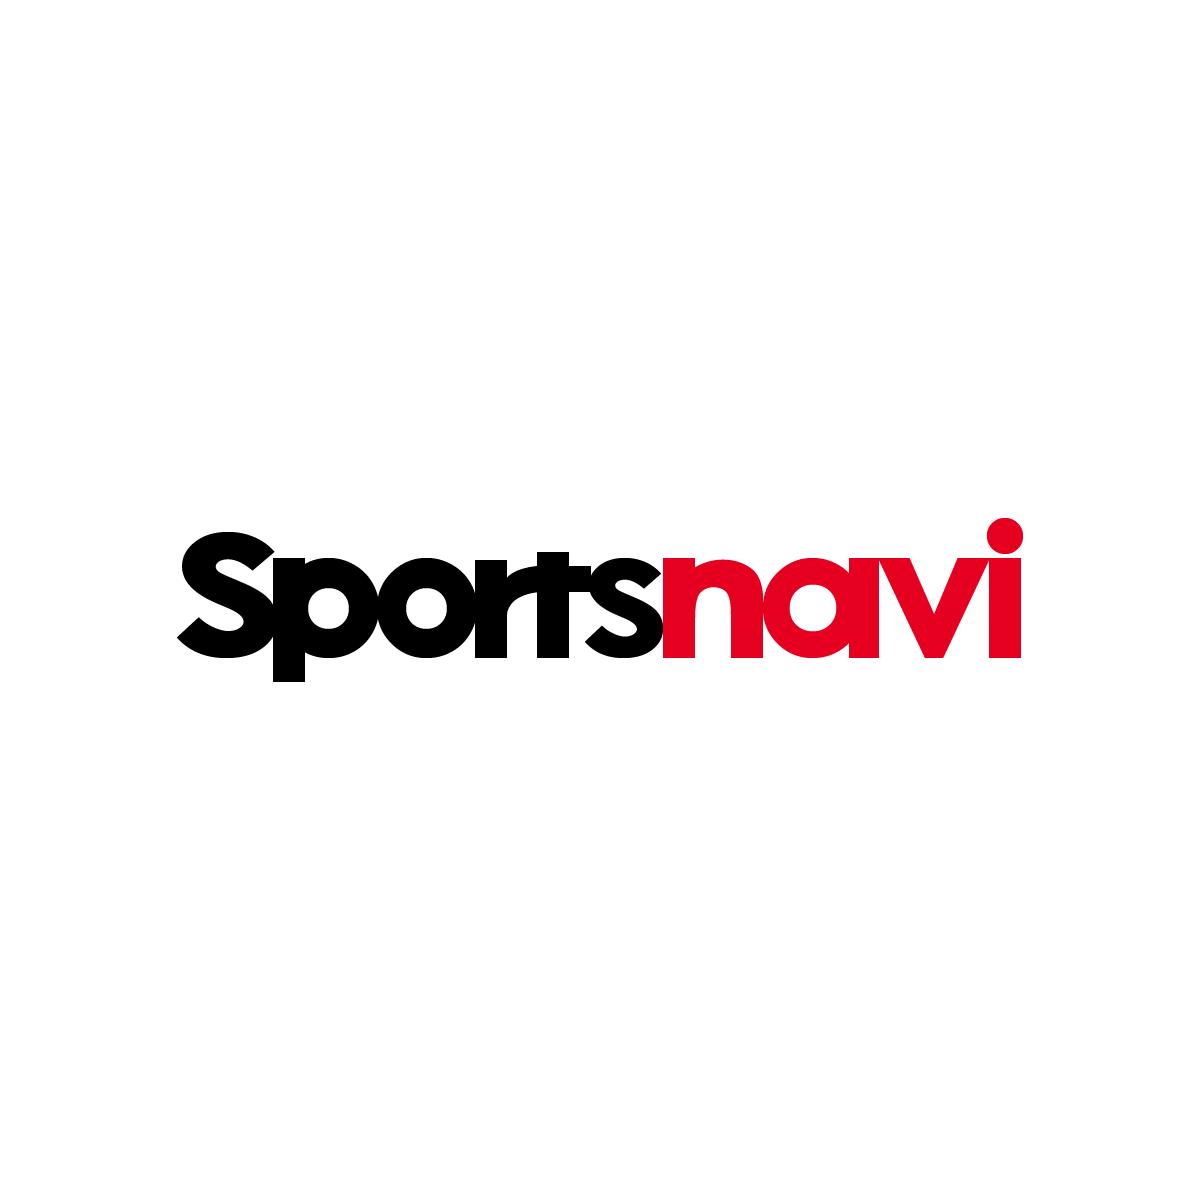 スポーツナビ株式会社